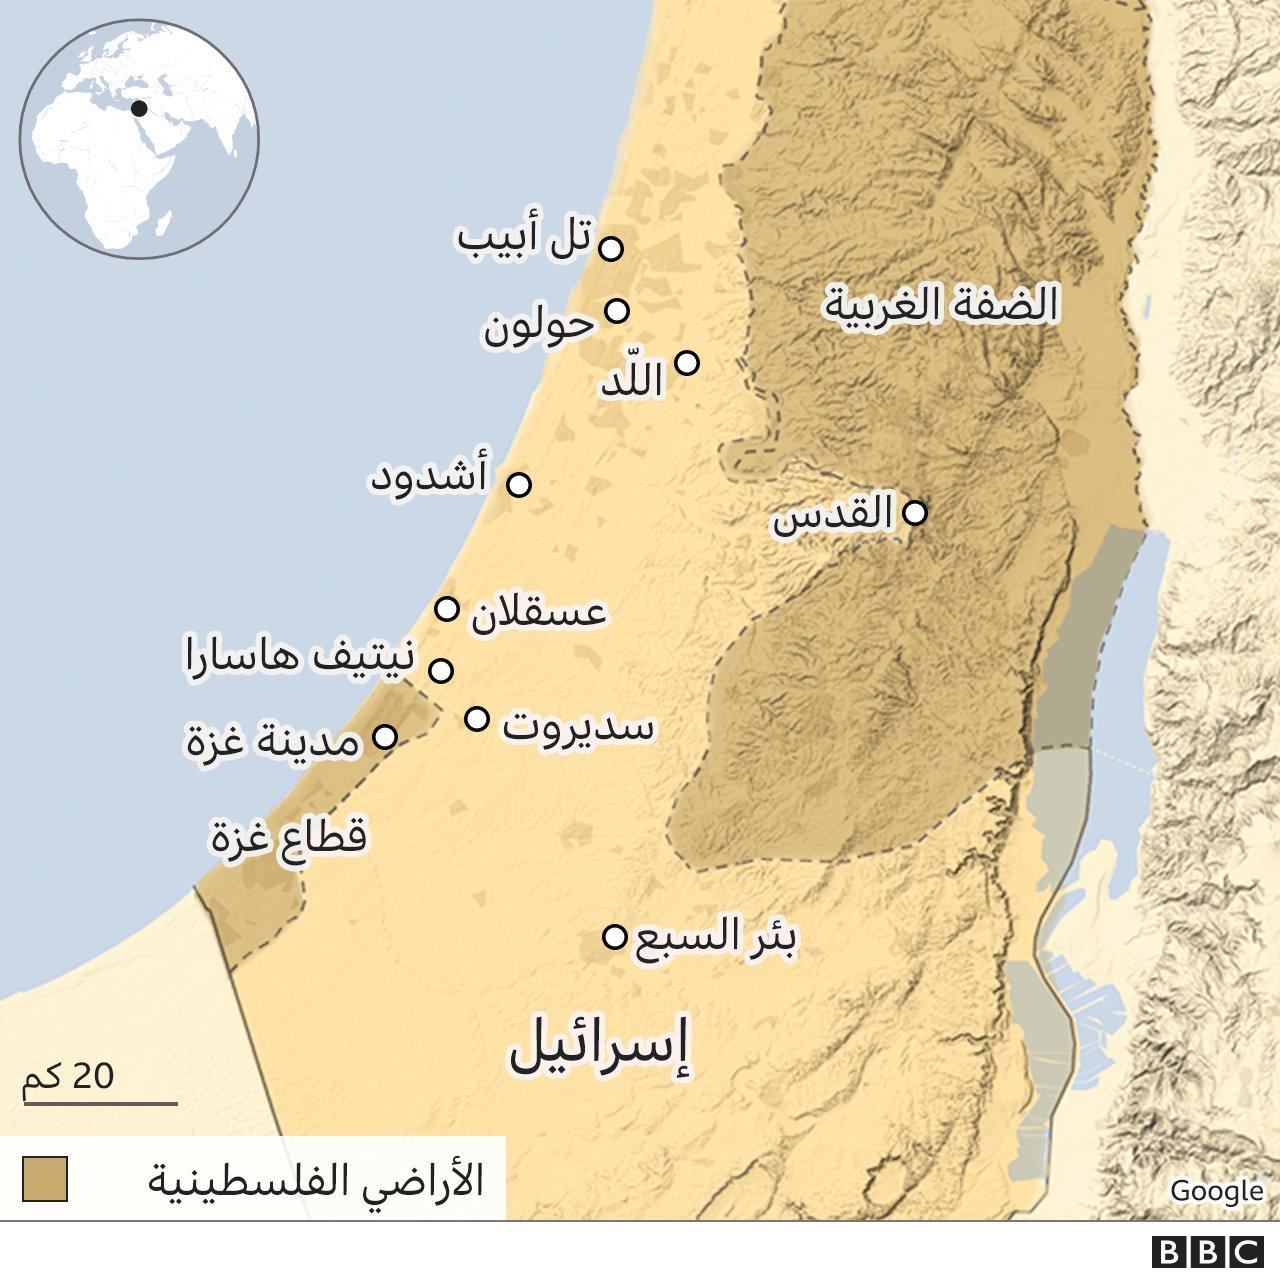 الأراضي الفلسطينية وإسرائيل